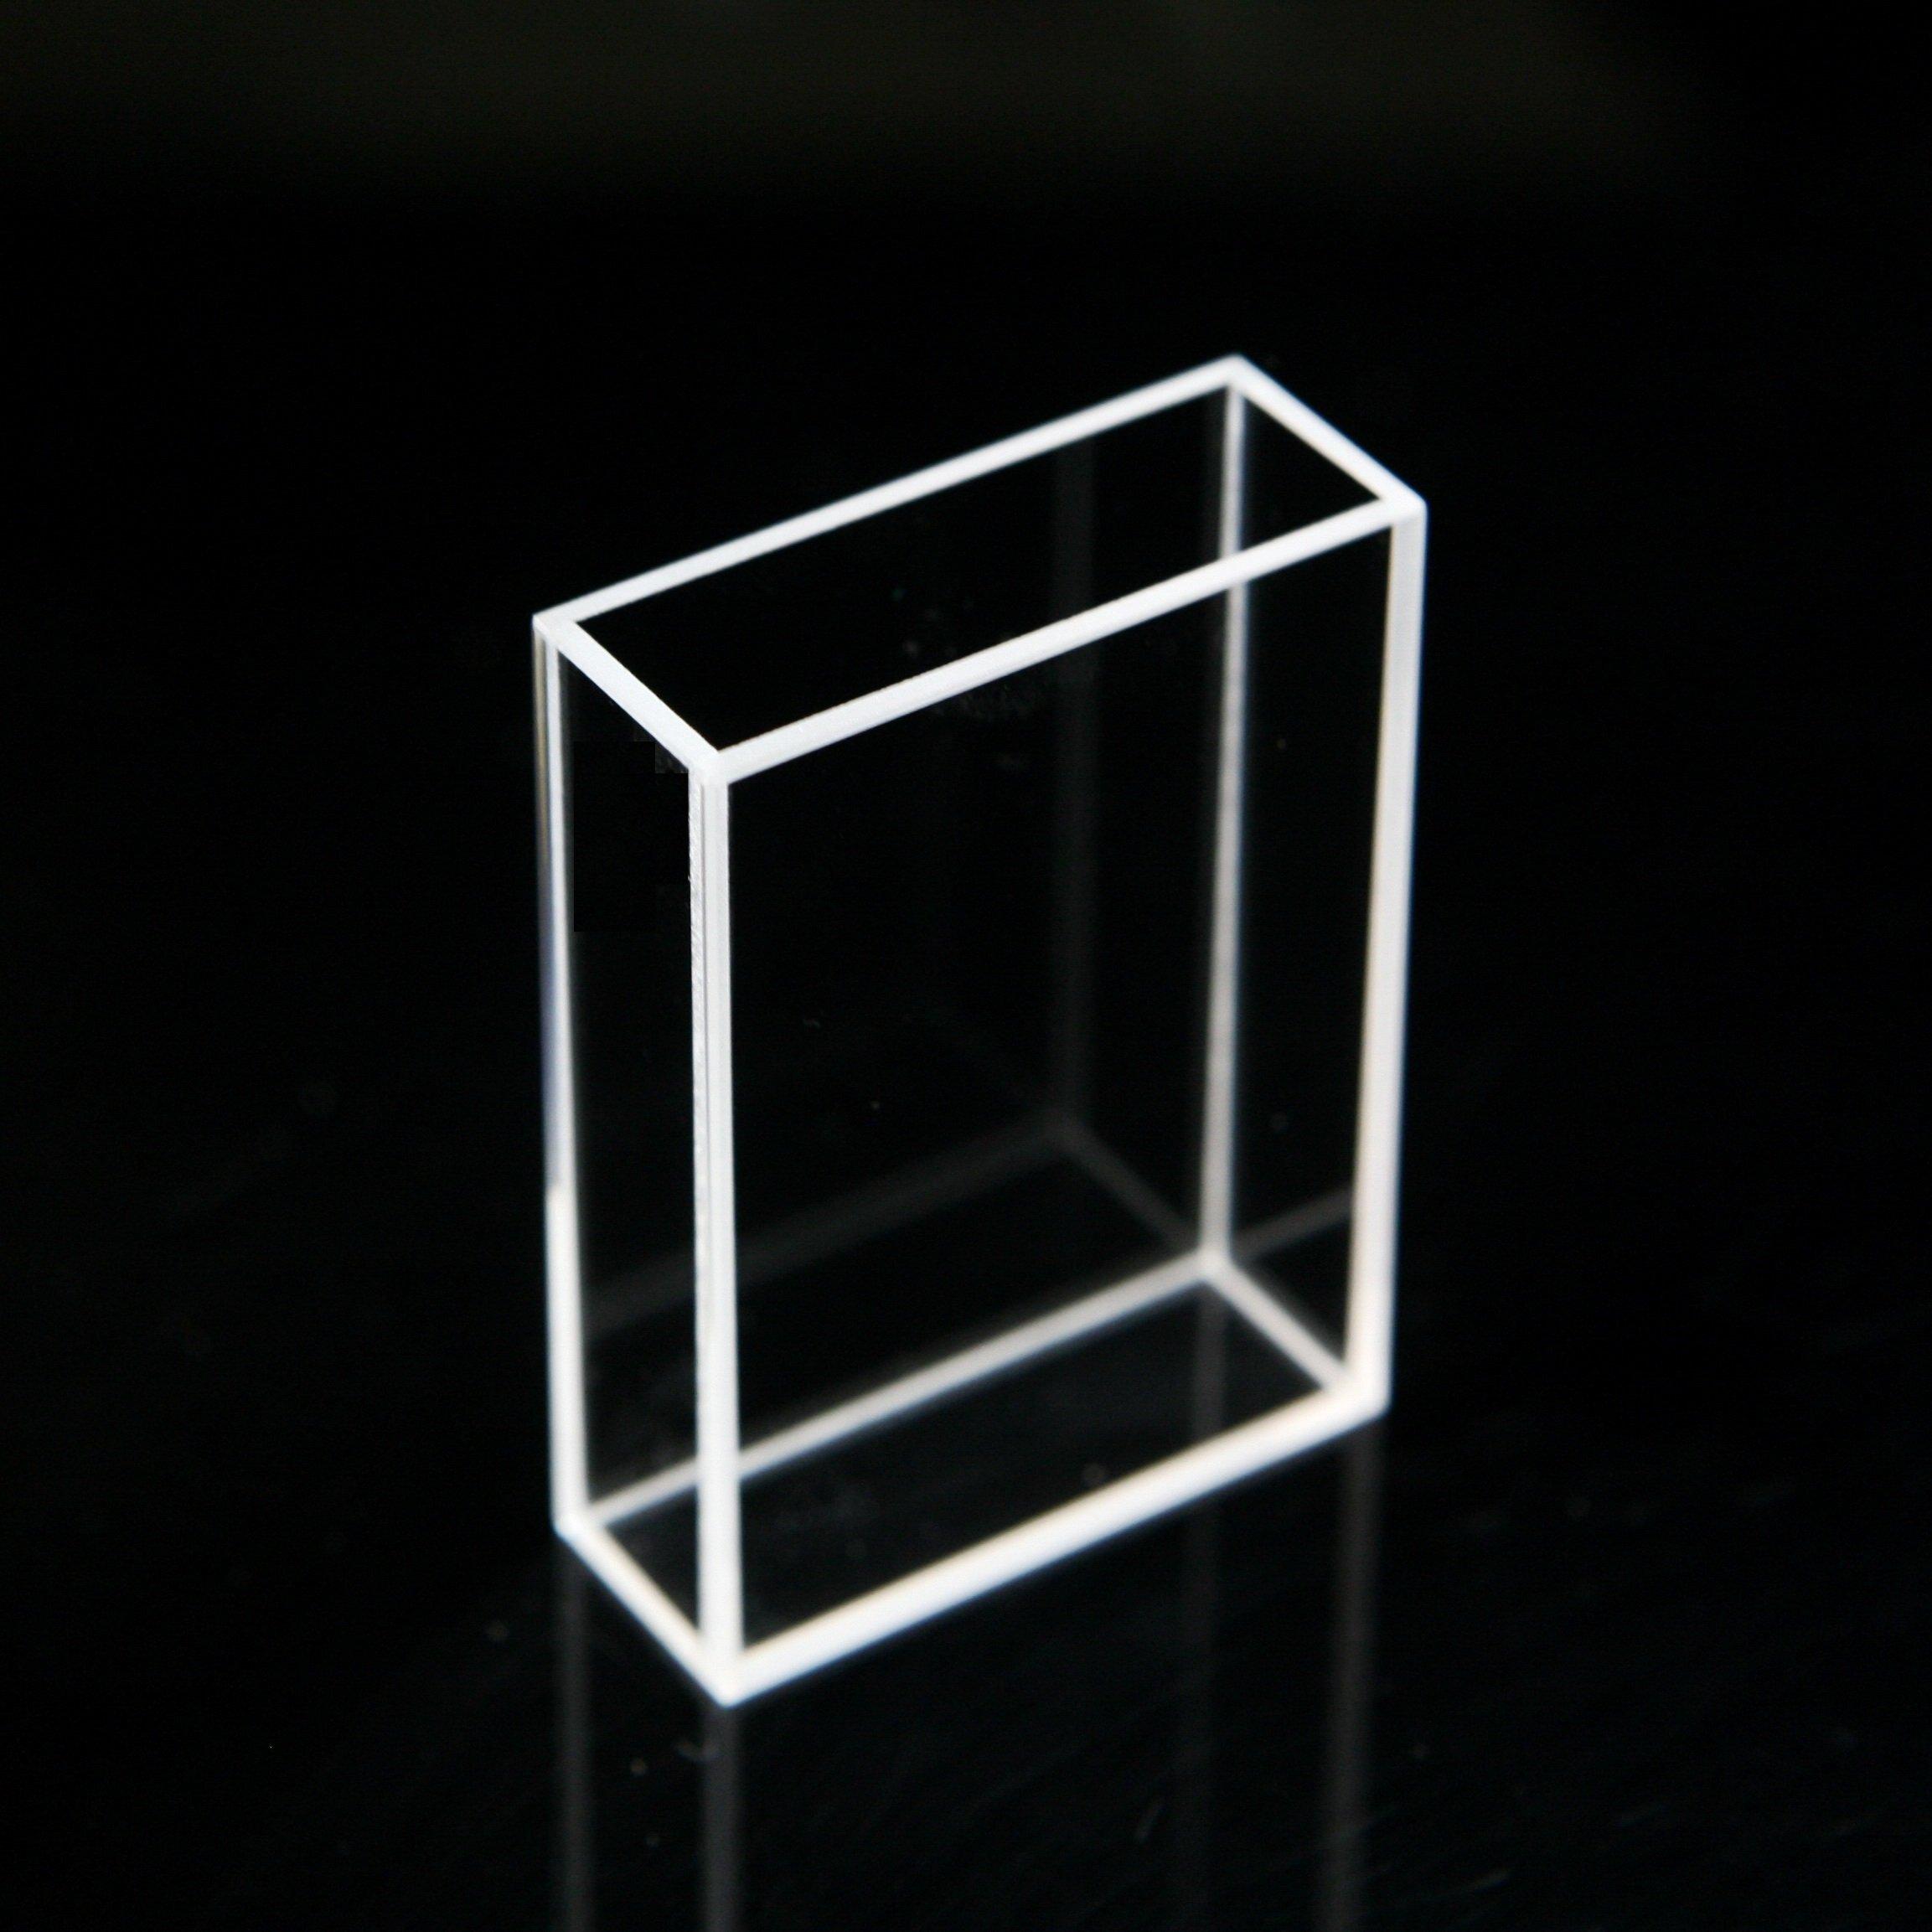 Fluorescence Glass Cuvette, 1cm 5cm 10mm, 50mm Large Cell Cuvettes Spectrometer